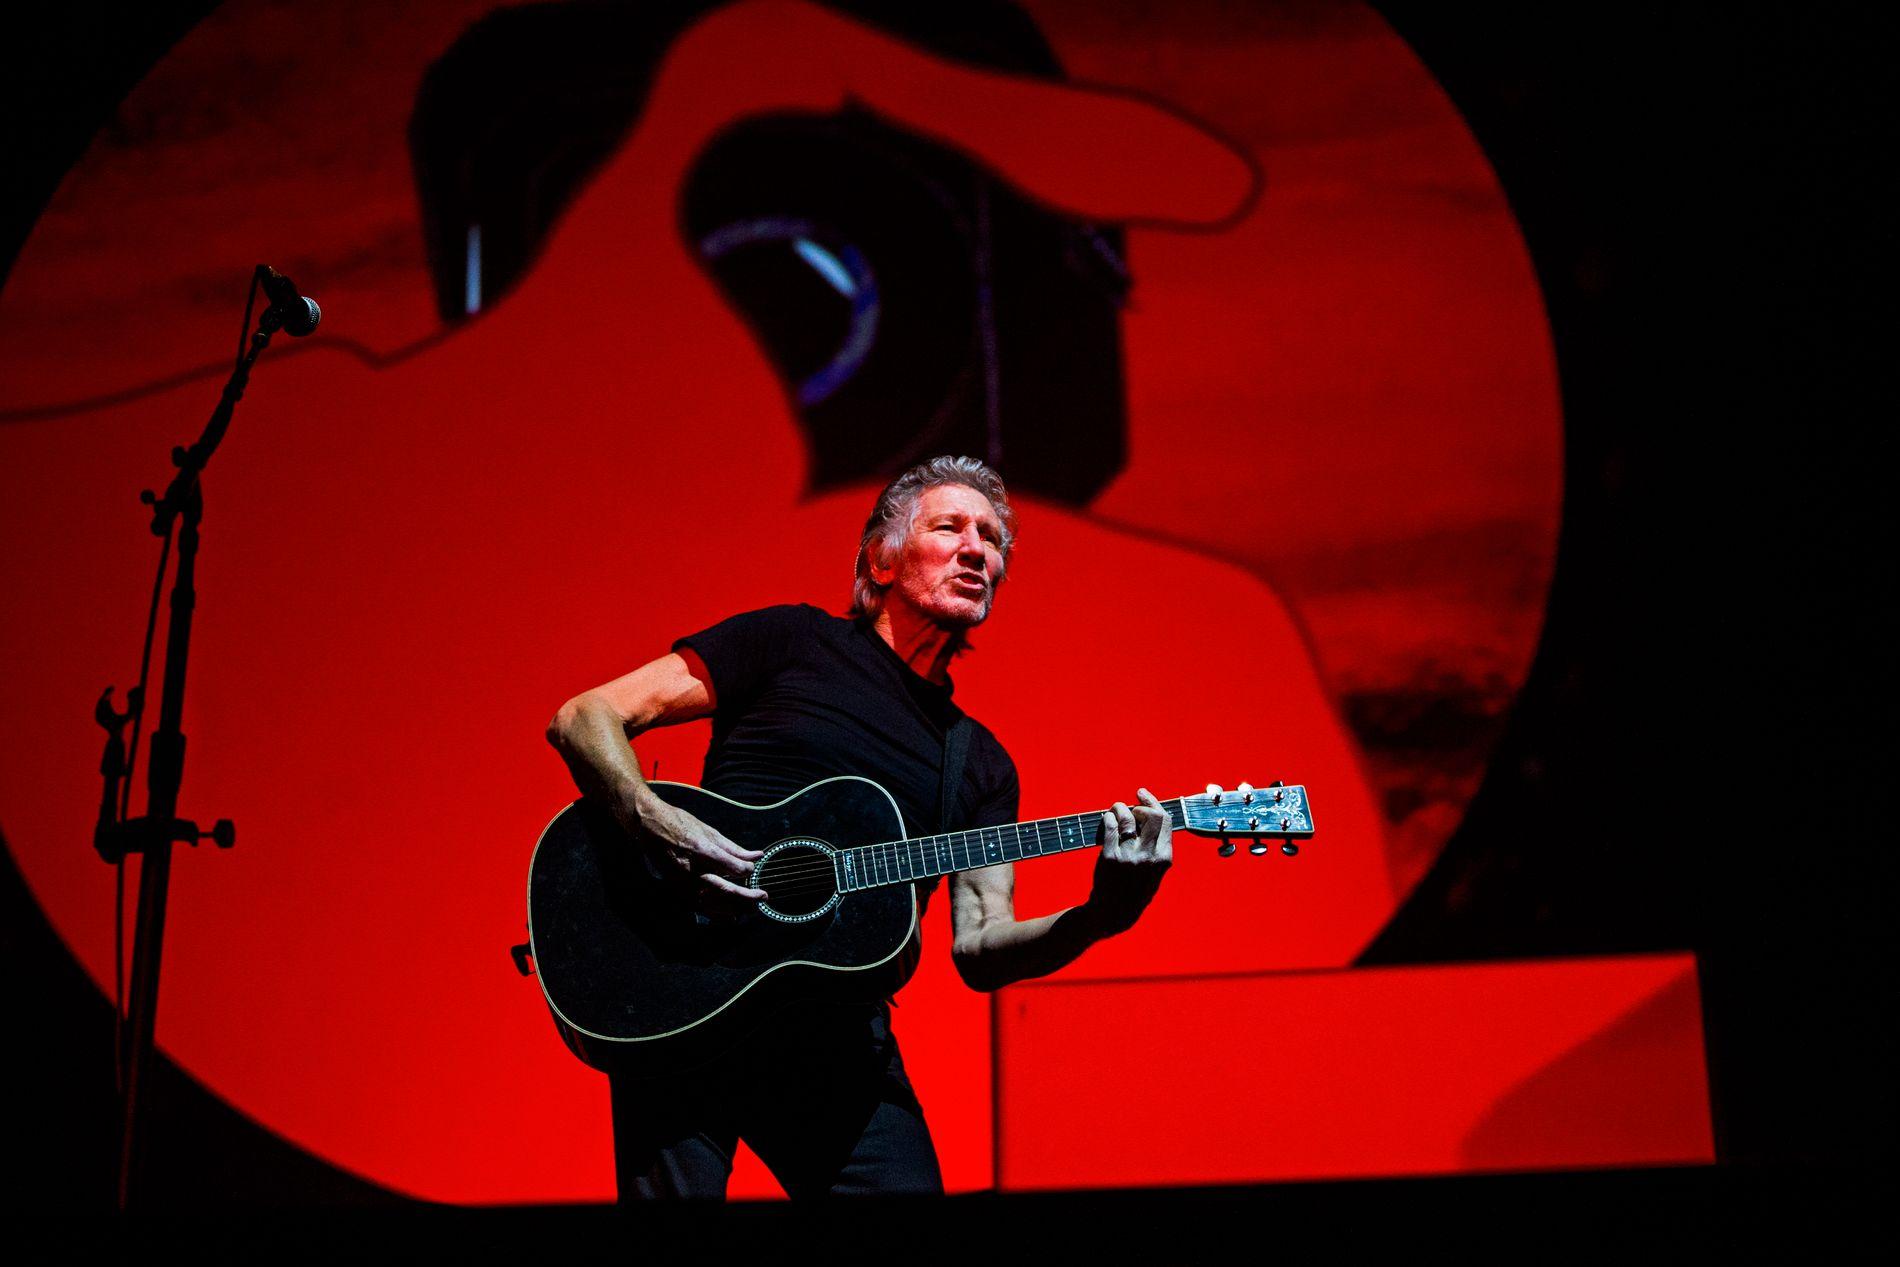 FORNØYD ANMELDER: «Roger Waters fremstår som en blanding av Bernie Sanders og Jeremy Corbyn, med den begrensede personlige sjarmen til sistnevnte.» Her fra en tidligere konsert i Norge.